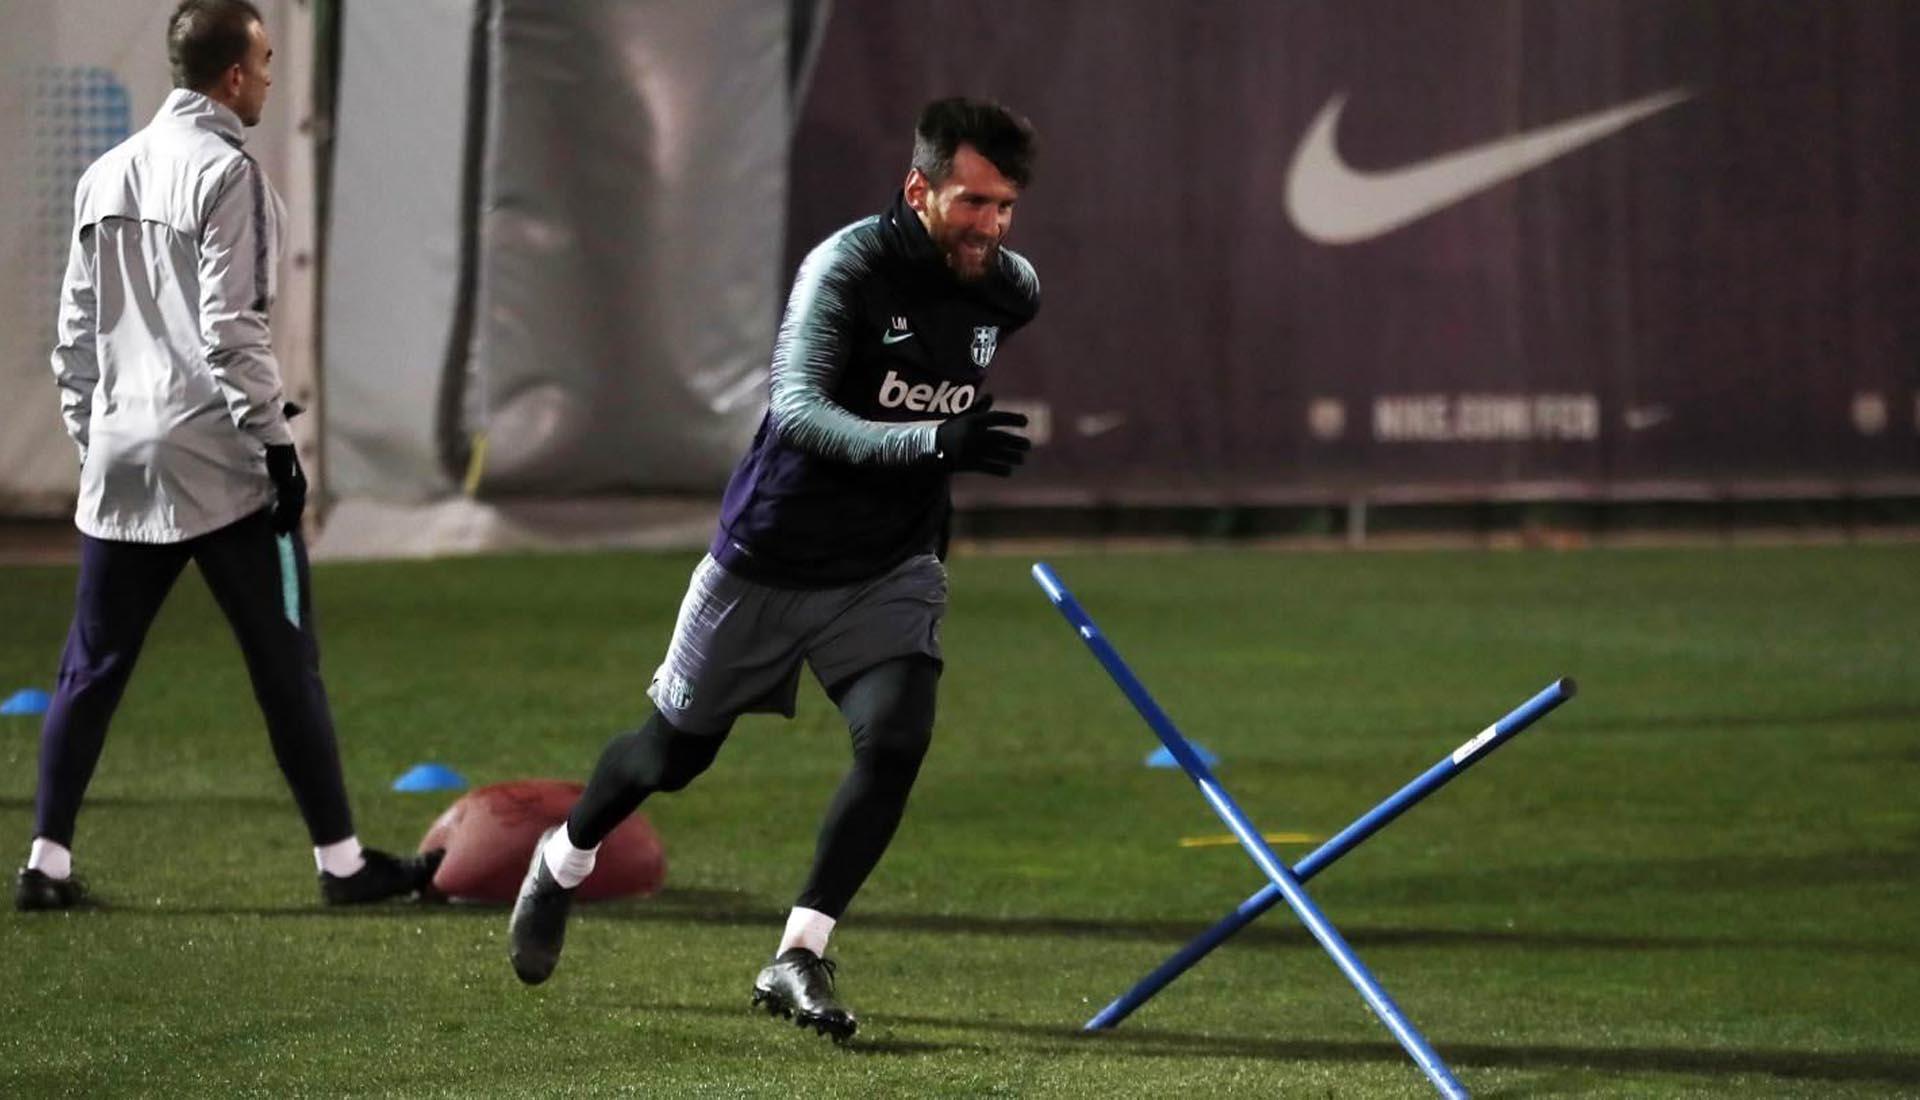 4476342be8d1 Lionel Messi Trains In Blackout adidas Nemeziz Boots - SoccerBible.